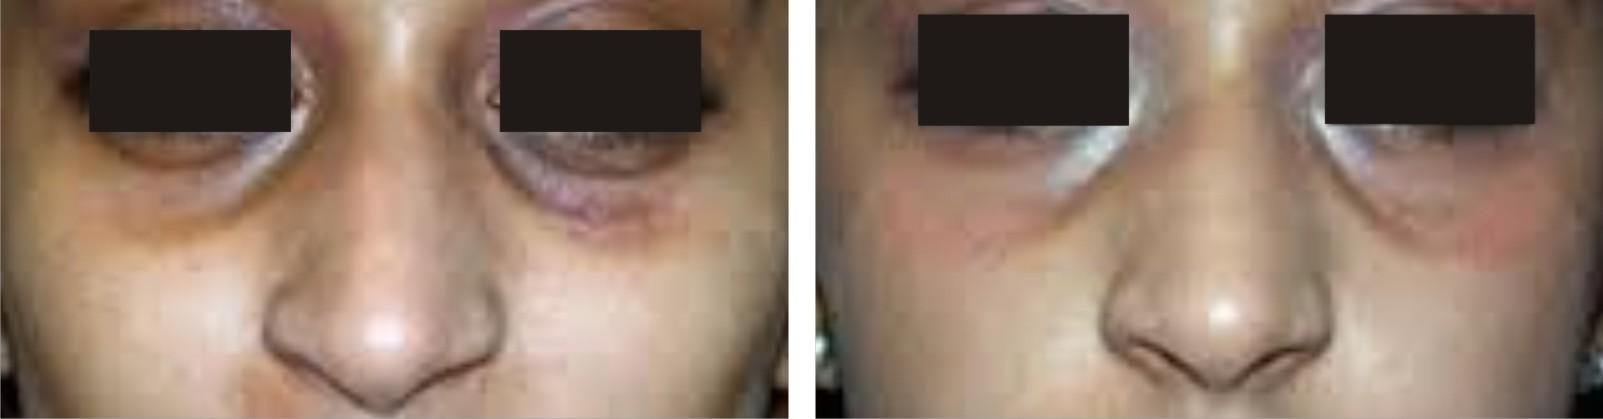 Under Eye Dark Circles Image Two